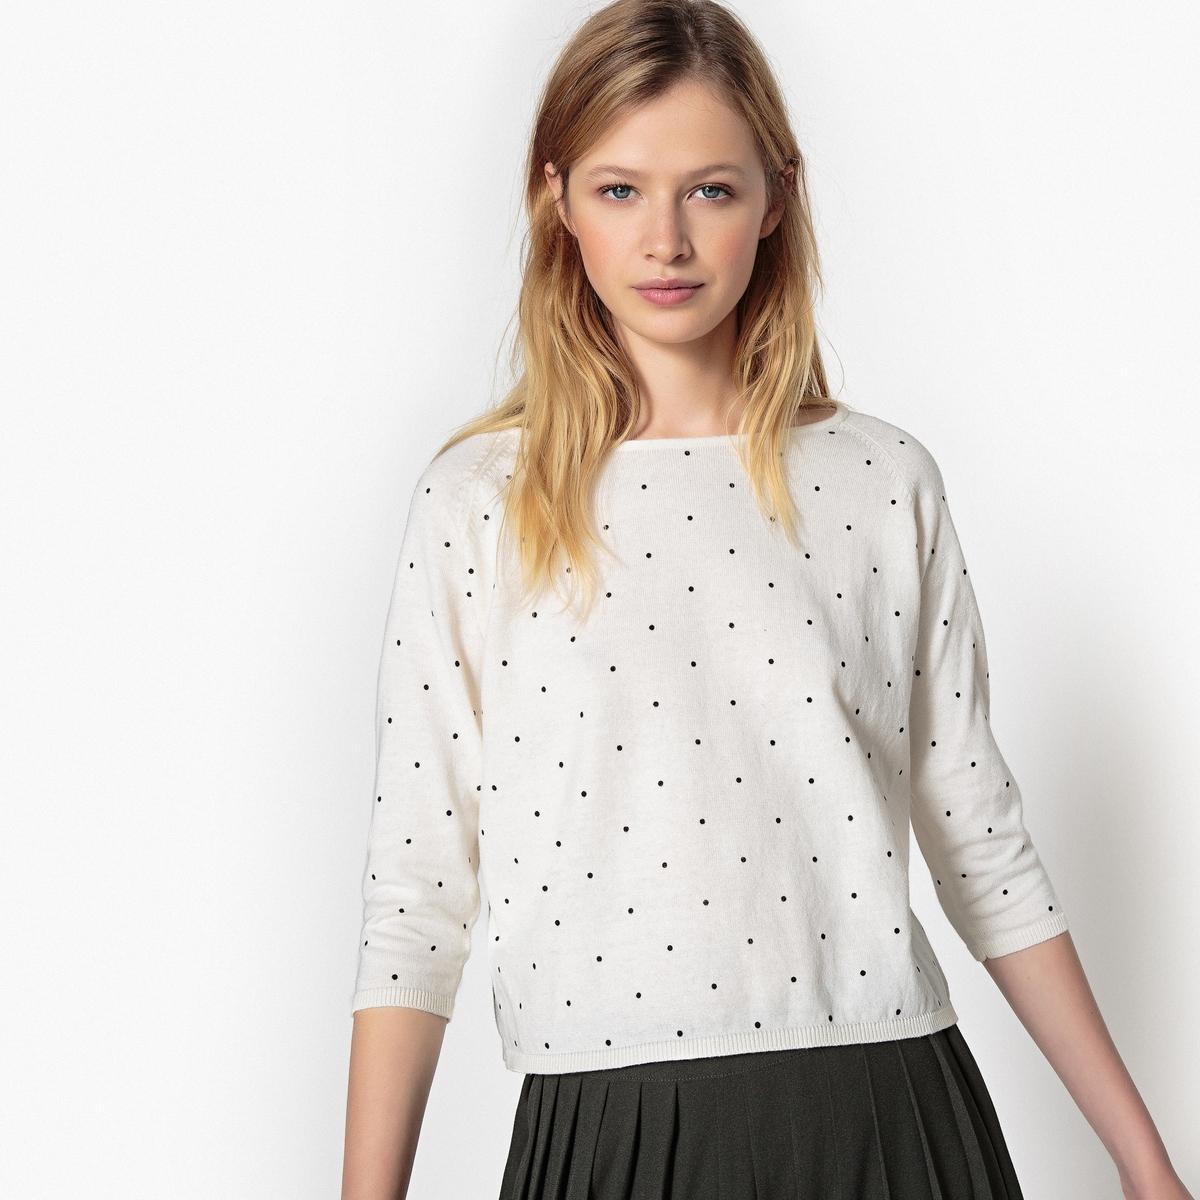 Пуловер с круглым вырезом и рисунком в горошек из тонкого трикотажа